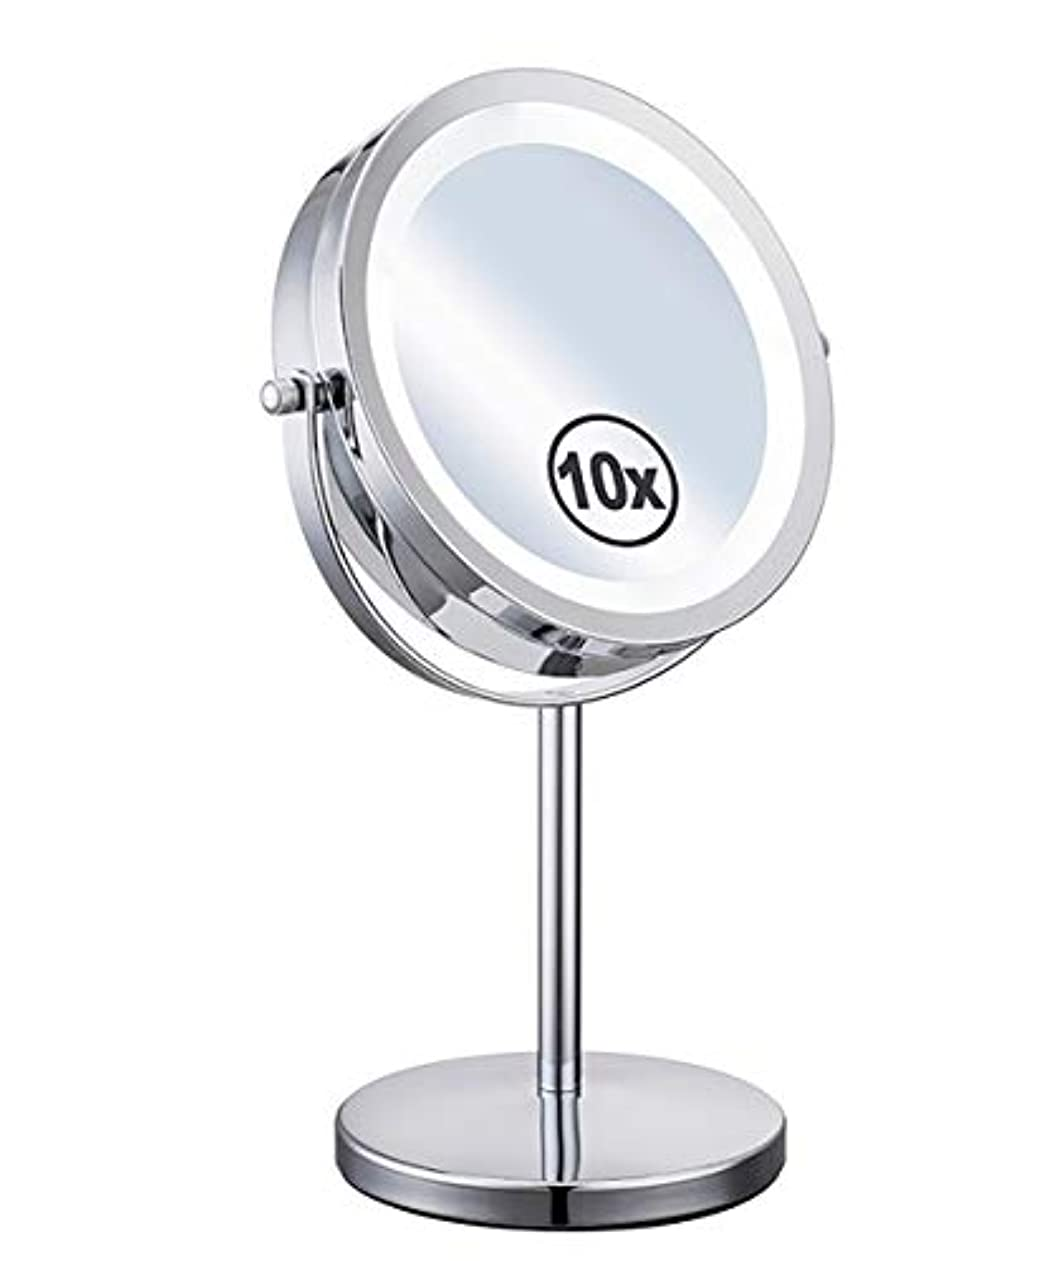 シミュレートする予防接種する指定するLED照明付き化粧鏡補助ランプデスクトップ両面360°スイベル1倍/ 10倍拡大鏡個人用とミラー